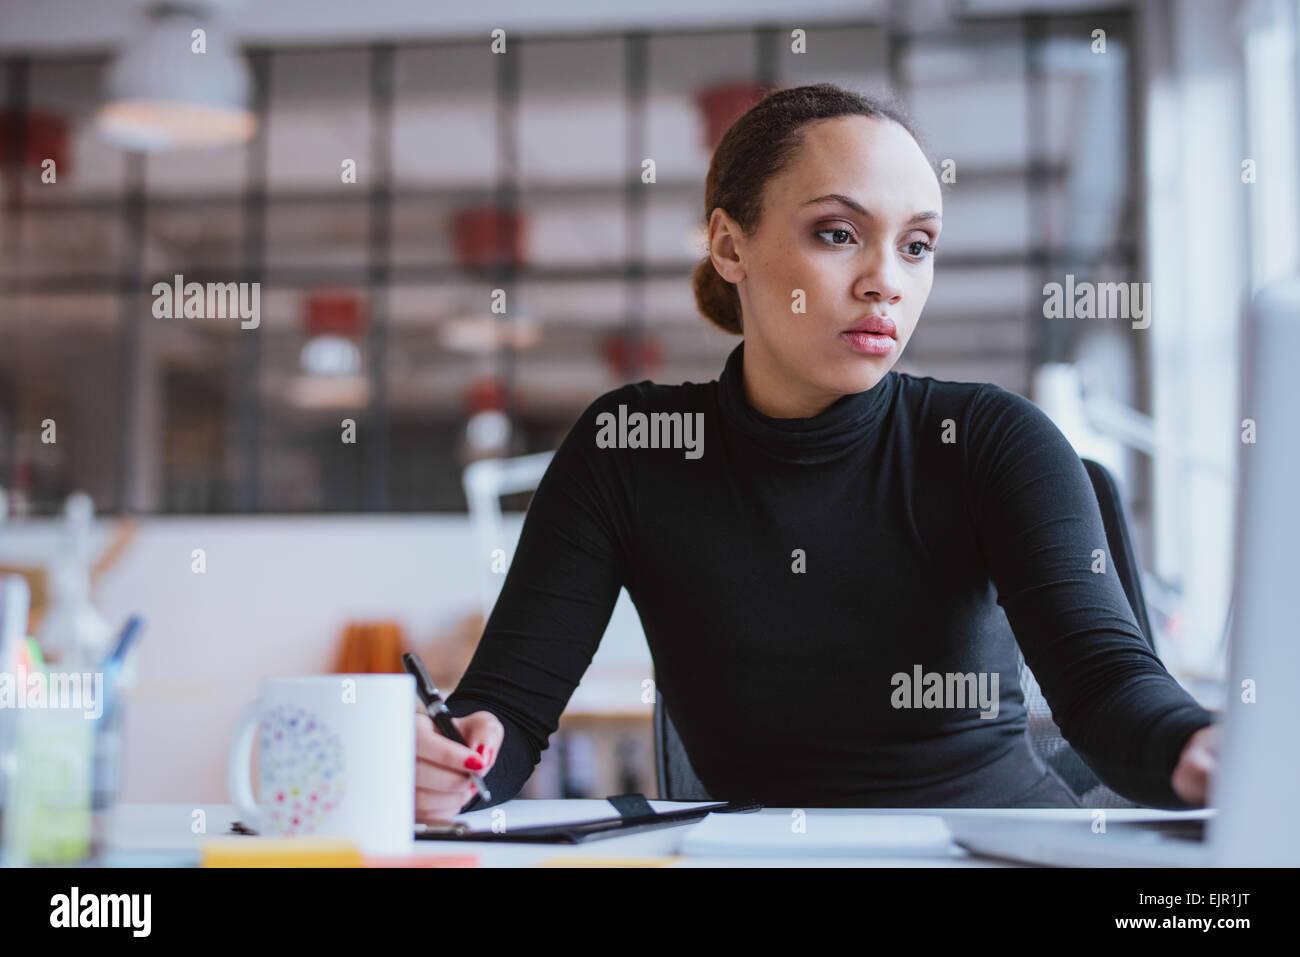 Bild des jungen Afrikanerin neue Geschäft Aufgabe arbeiten. Weibliche Führungskraft sitzt an ihrem Schreibtisch Stockbild